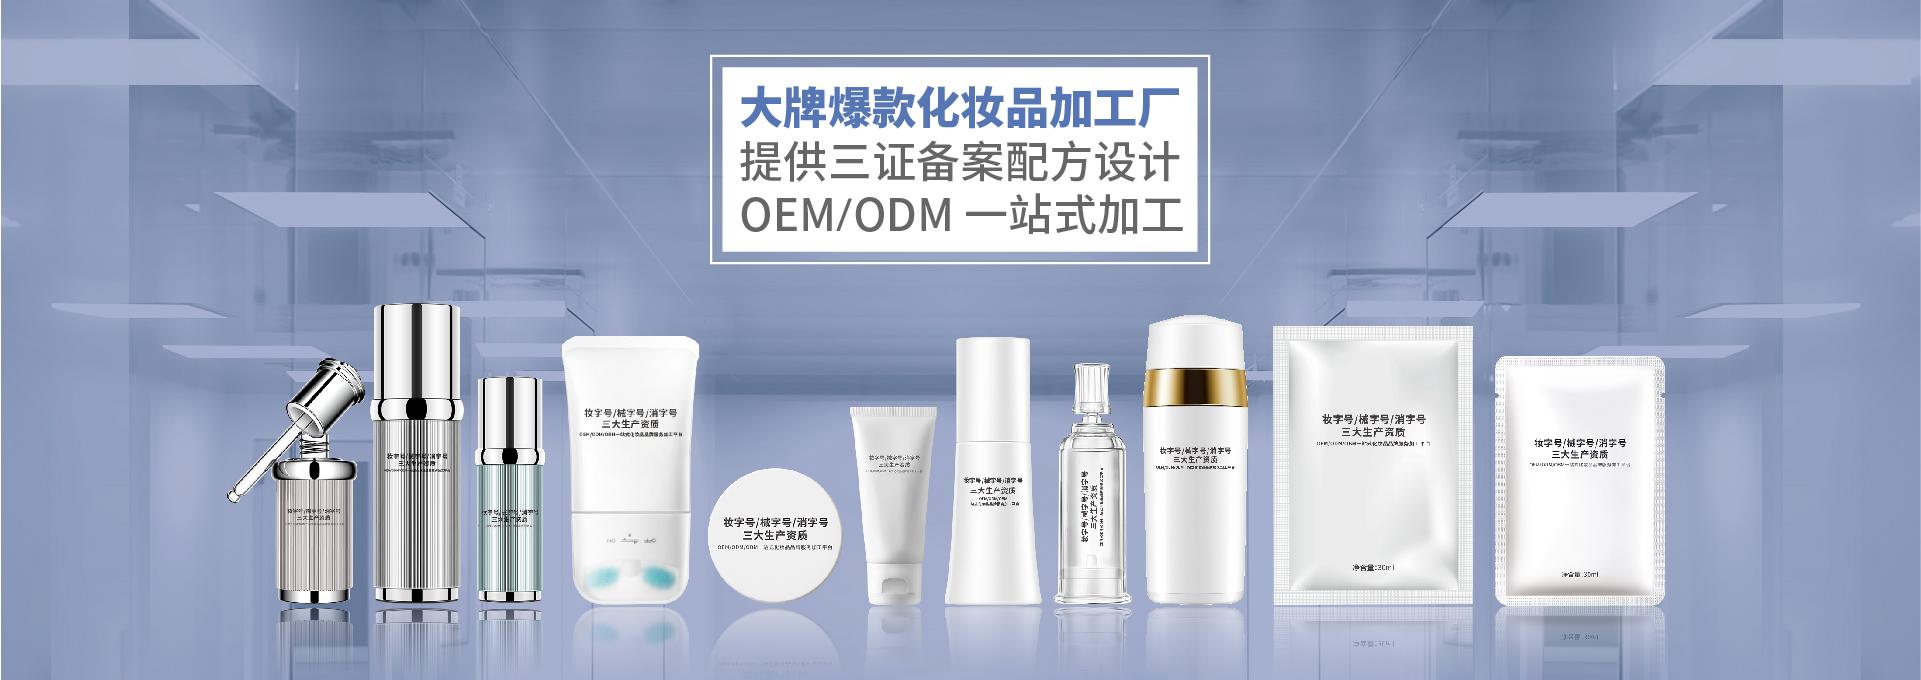 美肌重磅亮相55届广州美博会,化妆品套盒OEM新品引爆市场